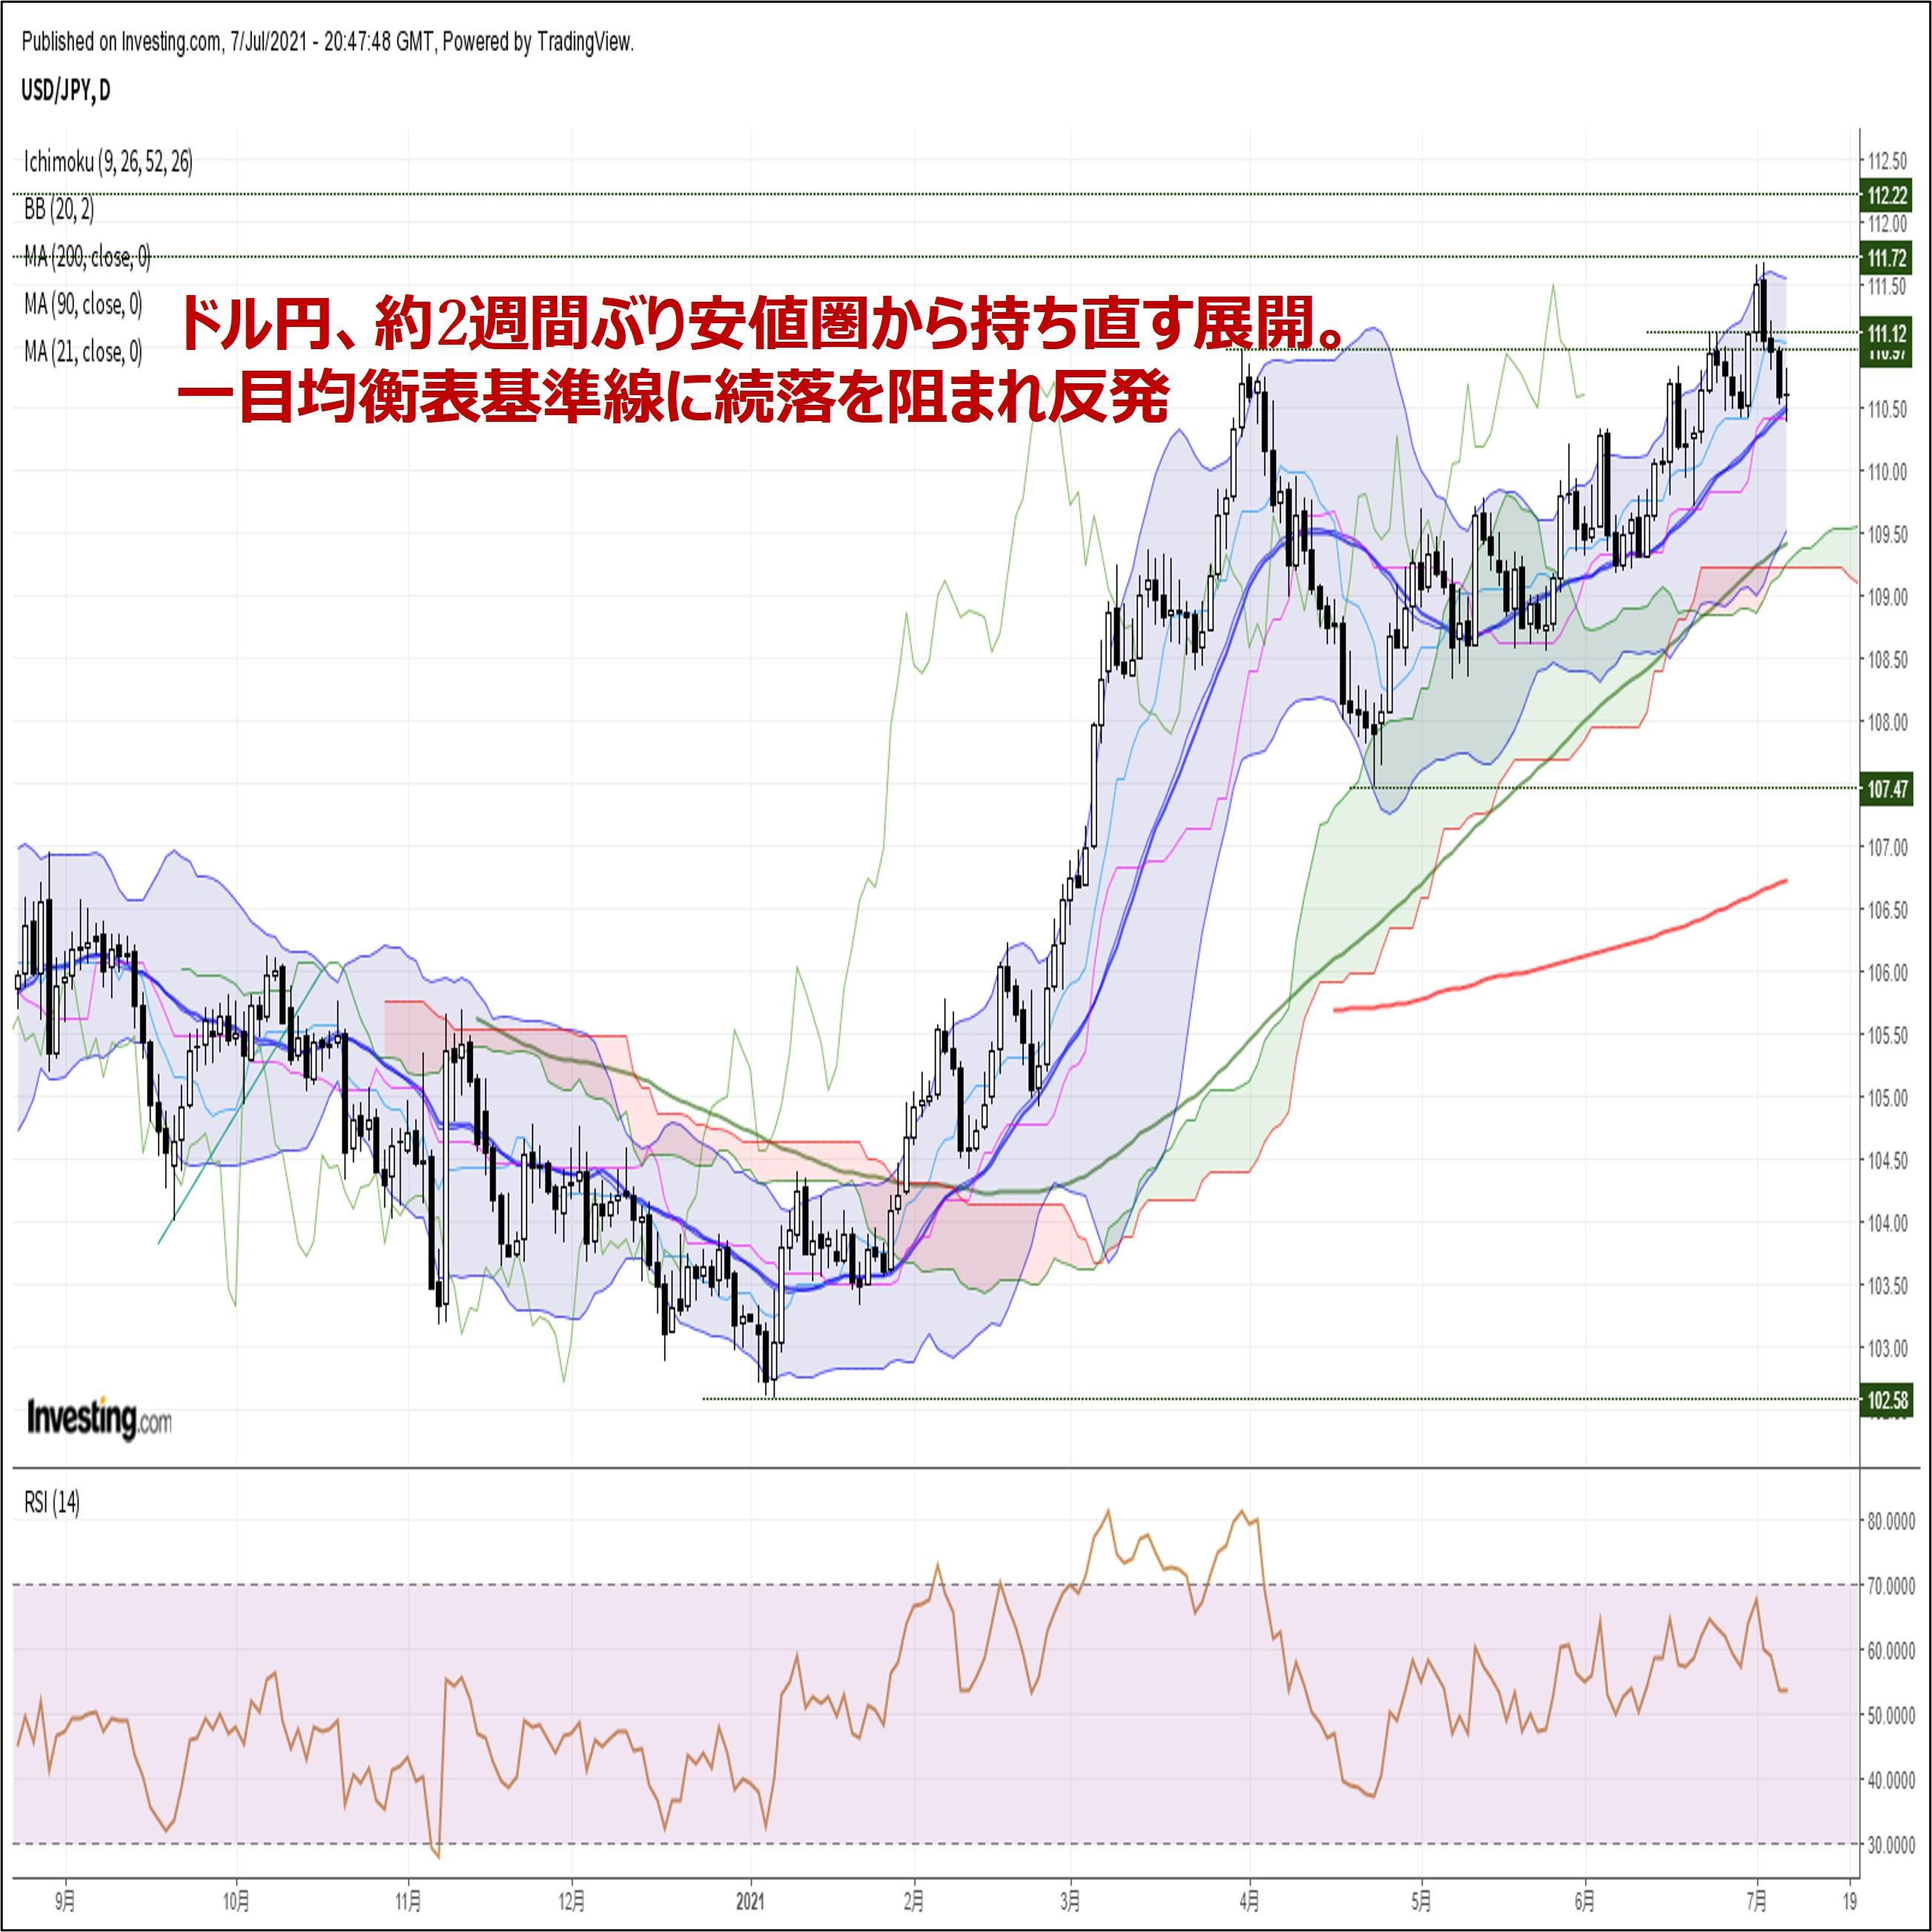 ドル円、約2週間ぶり安値から持ち直す展開。ユーロは約3ヵ月ぶり安値圏へ続落(7/8朝)